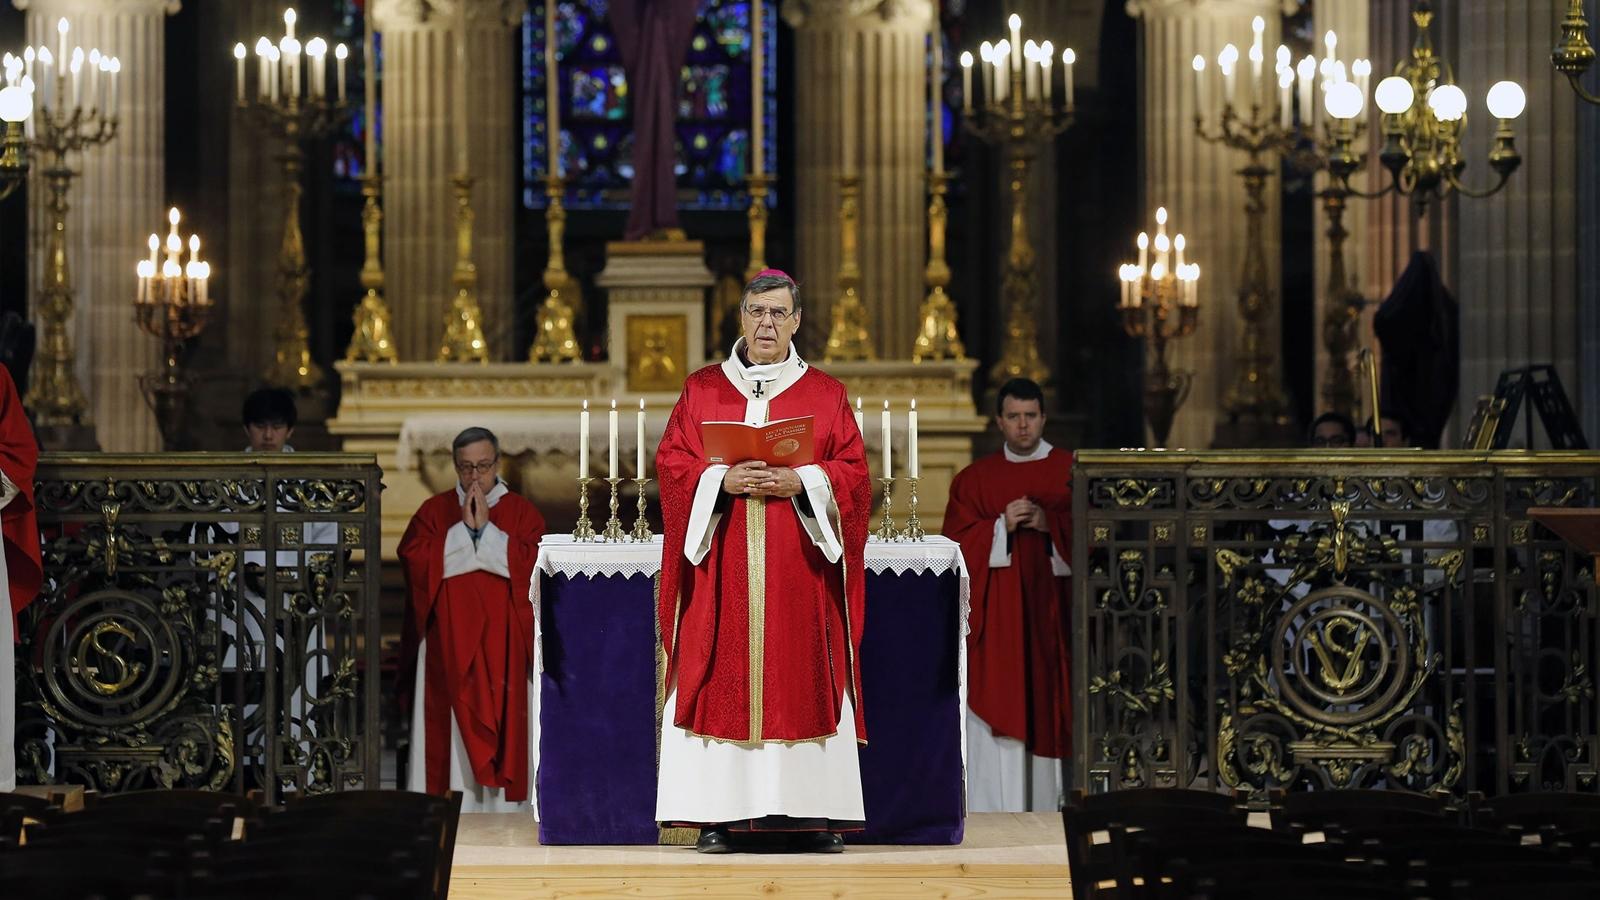 . الكنيسة الكاثوليكية الفرنسية تعتذر بسبب الانتهاكات الجنسية